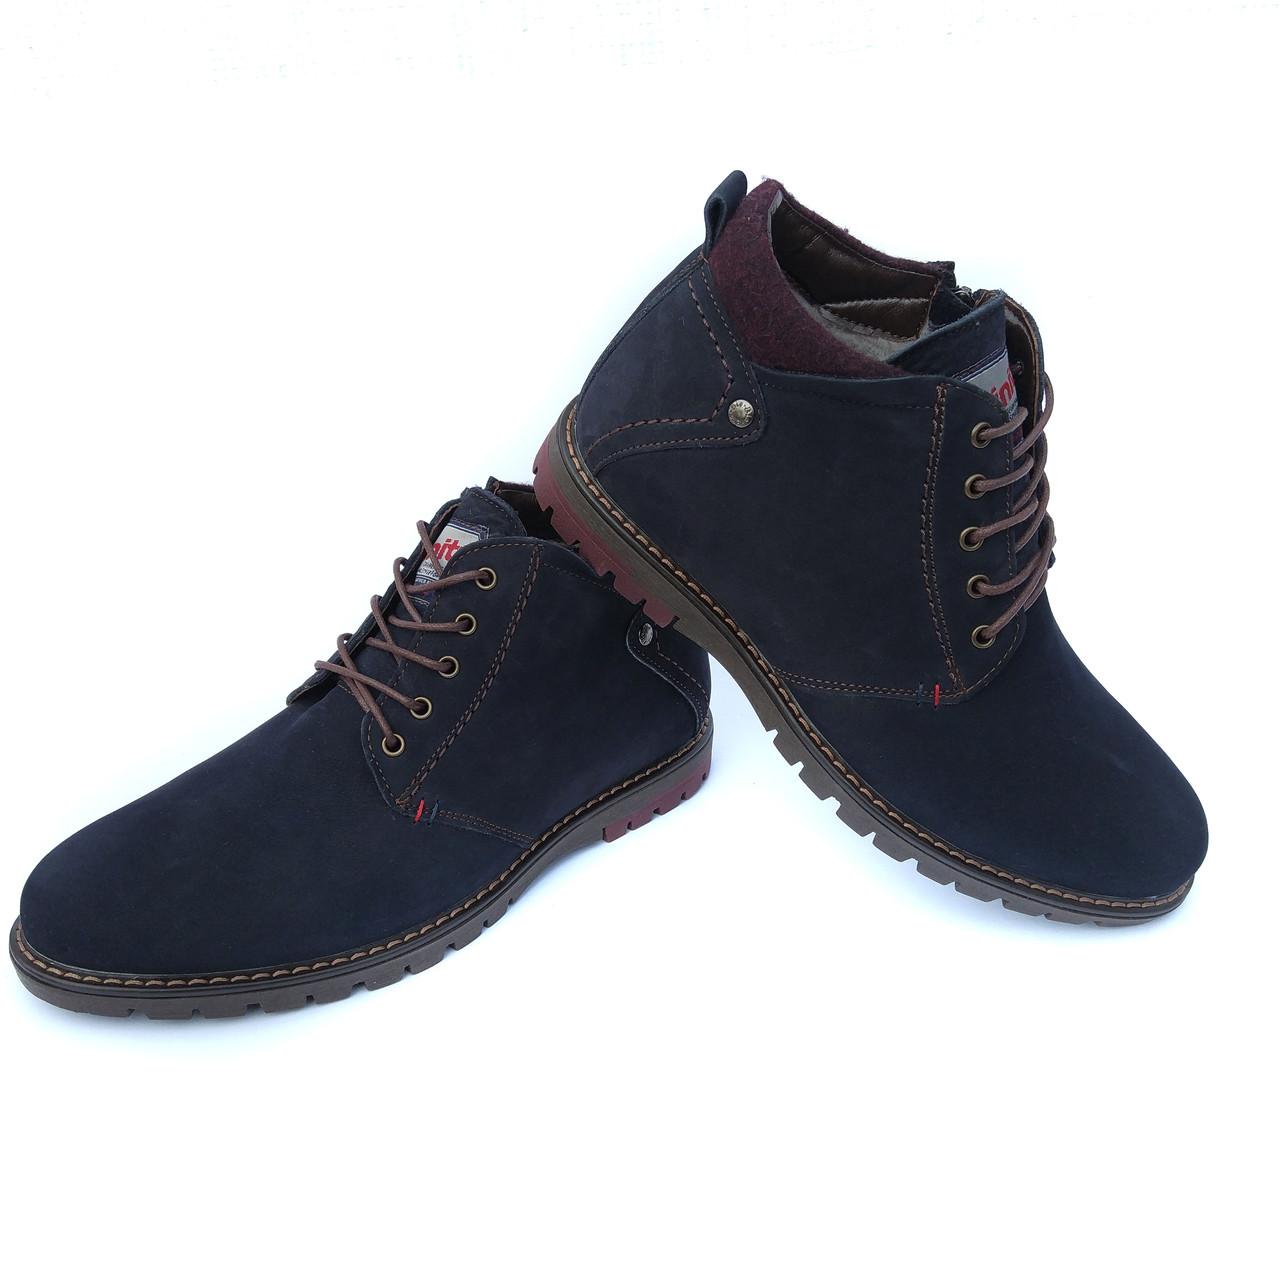 e10f4953 Молодежные мужские синие ботинки Харьков: зимние, натуральная кожа-нубук,  на меху, от фабрики Affinity